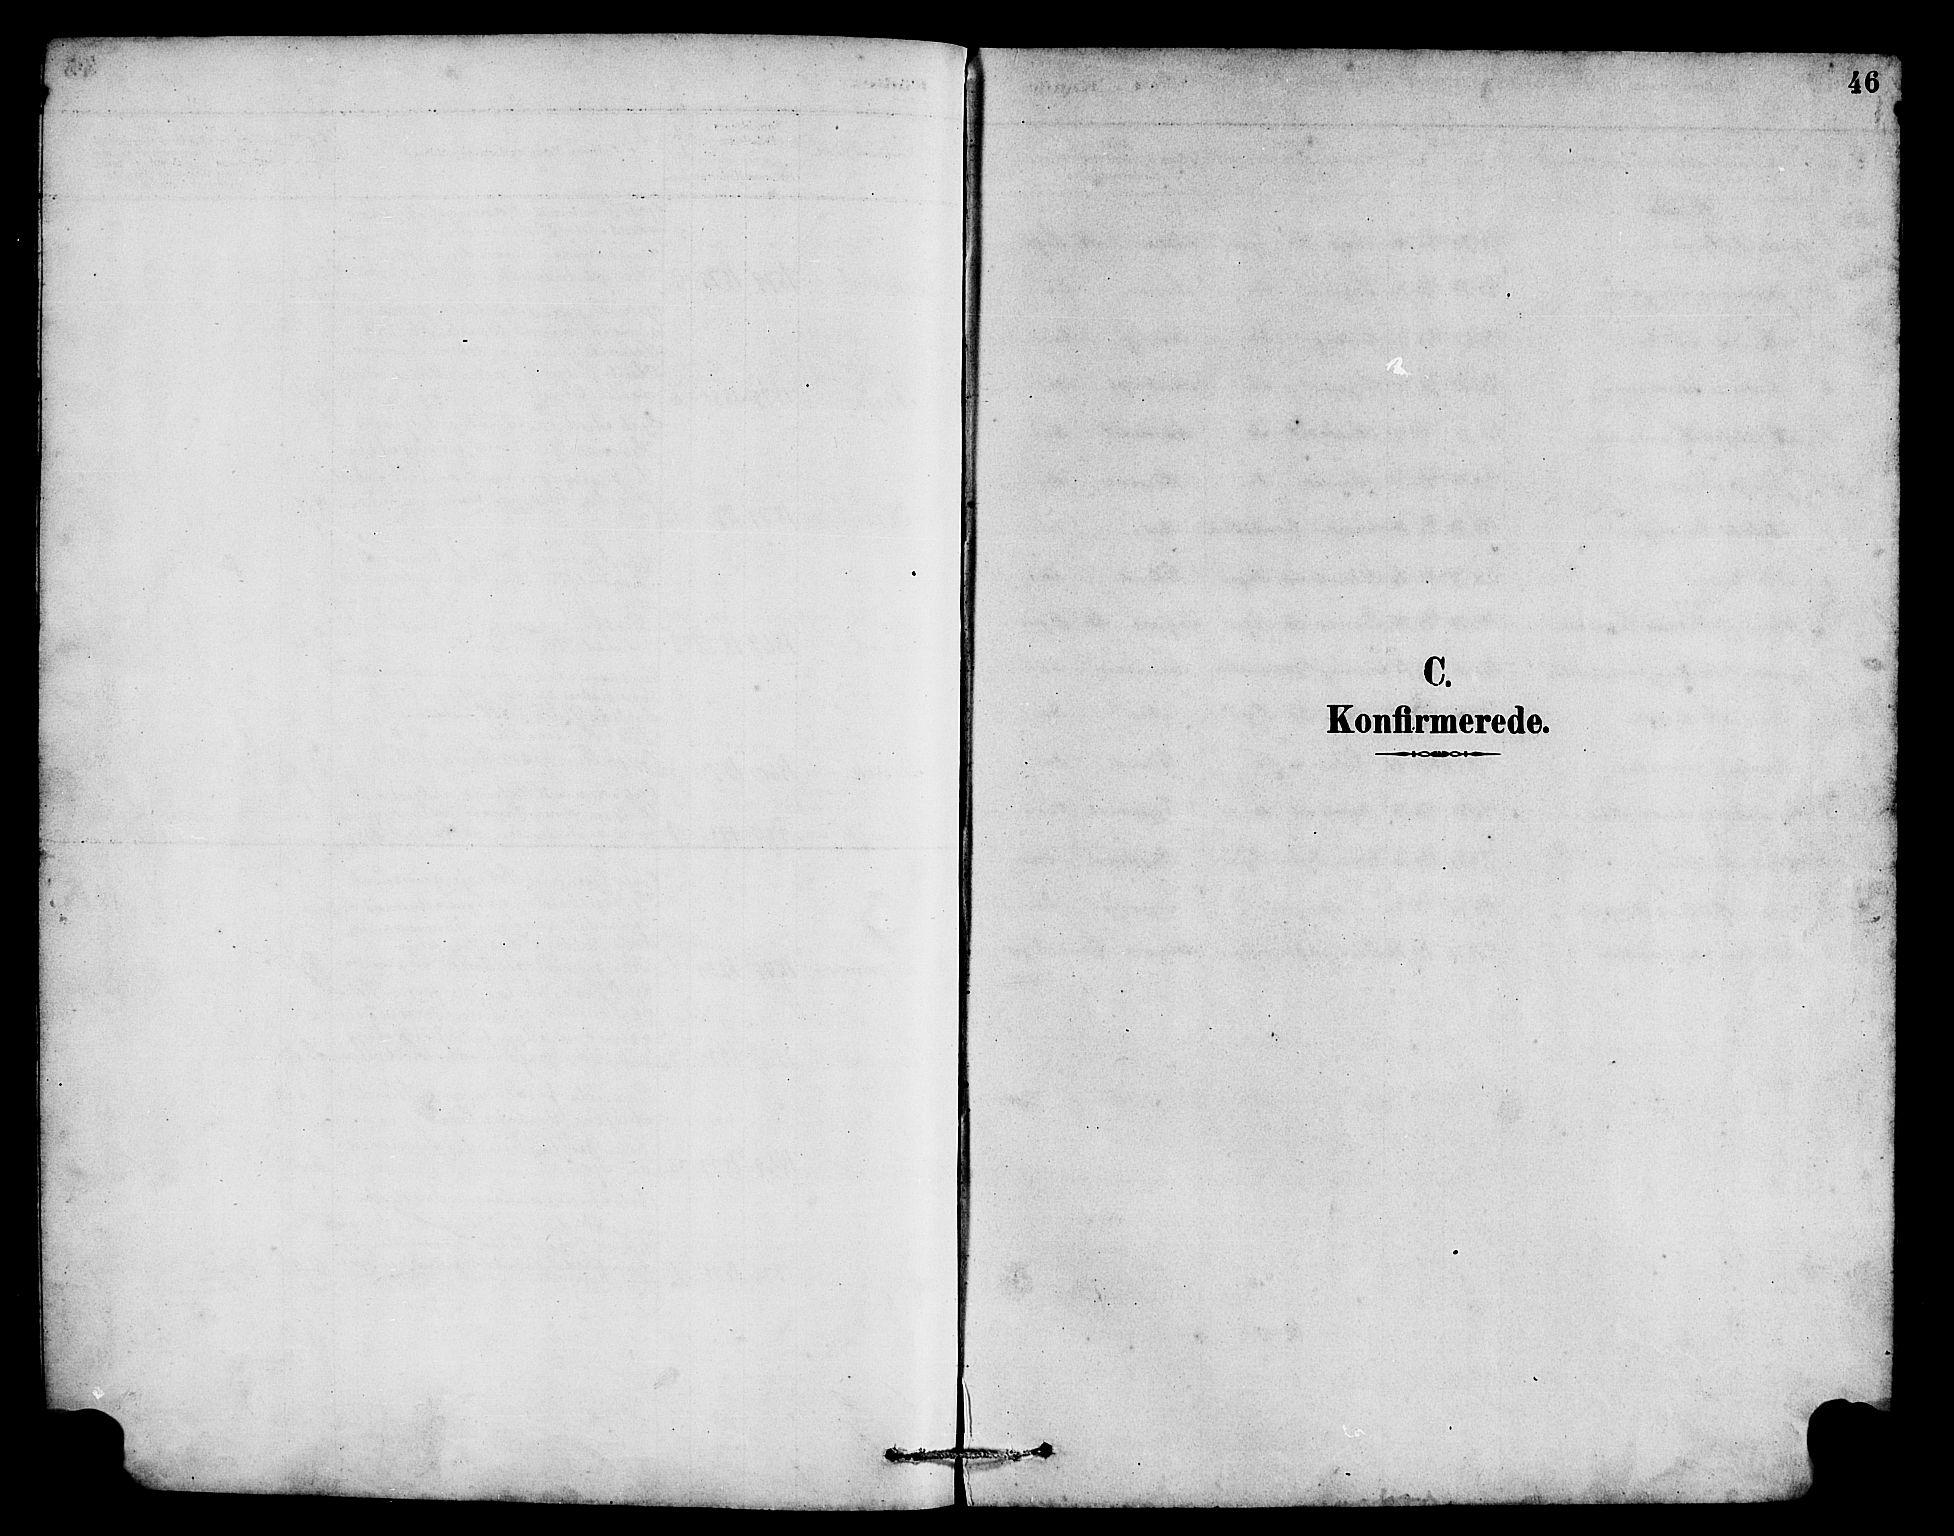 SAB, Hyllestad Sokneprestembete, Klokkerbok nr. B 2, 1889-1915, s. 46